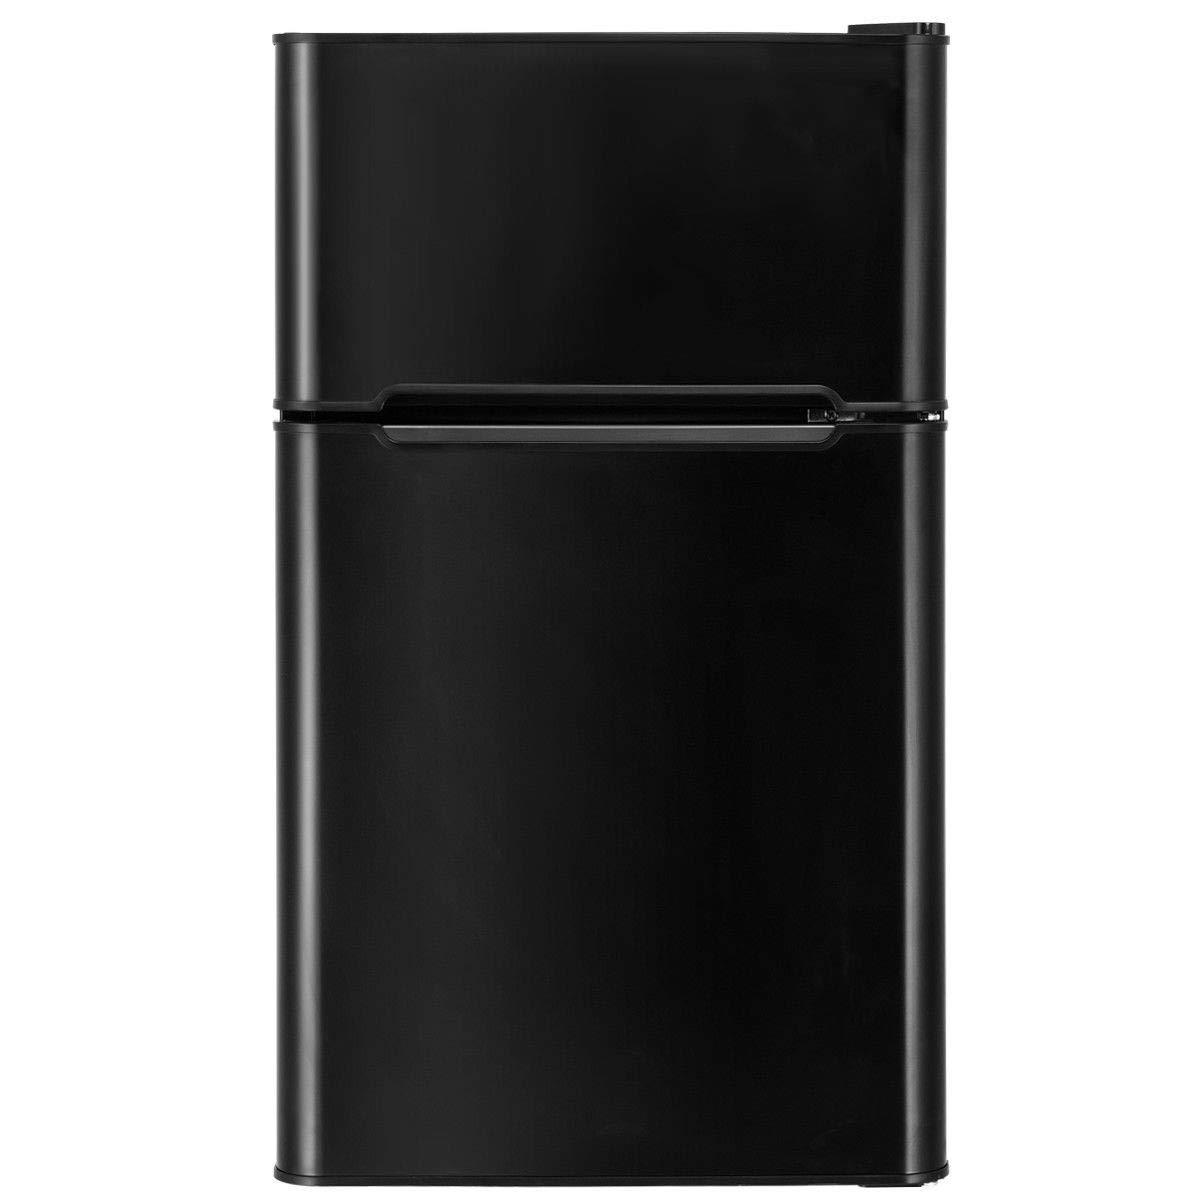 Mini Refrigerator 3.2 cu ft with Freezer 2 Door Stainless Steel Double Door Compact Mini Refrigerator (Black)